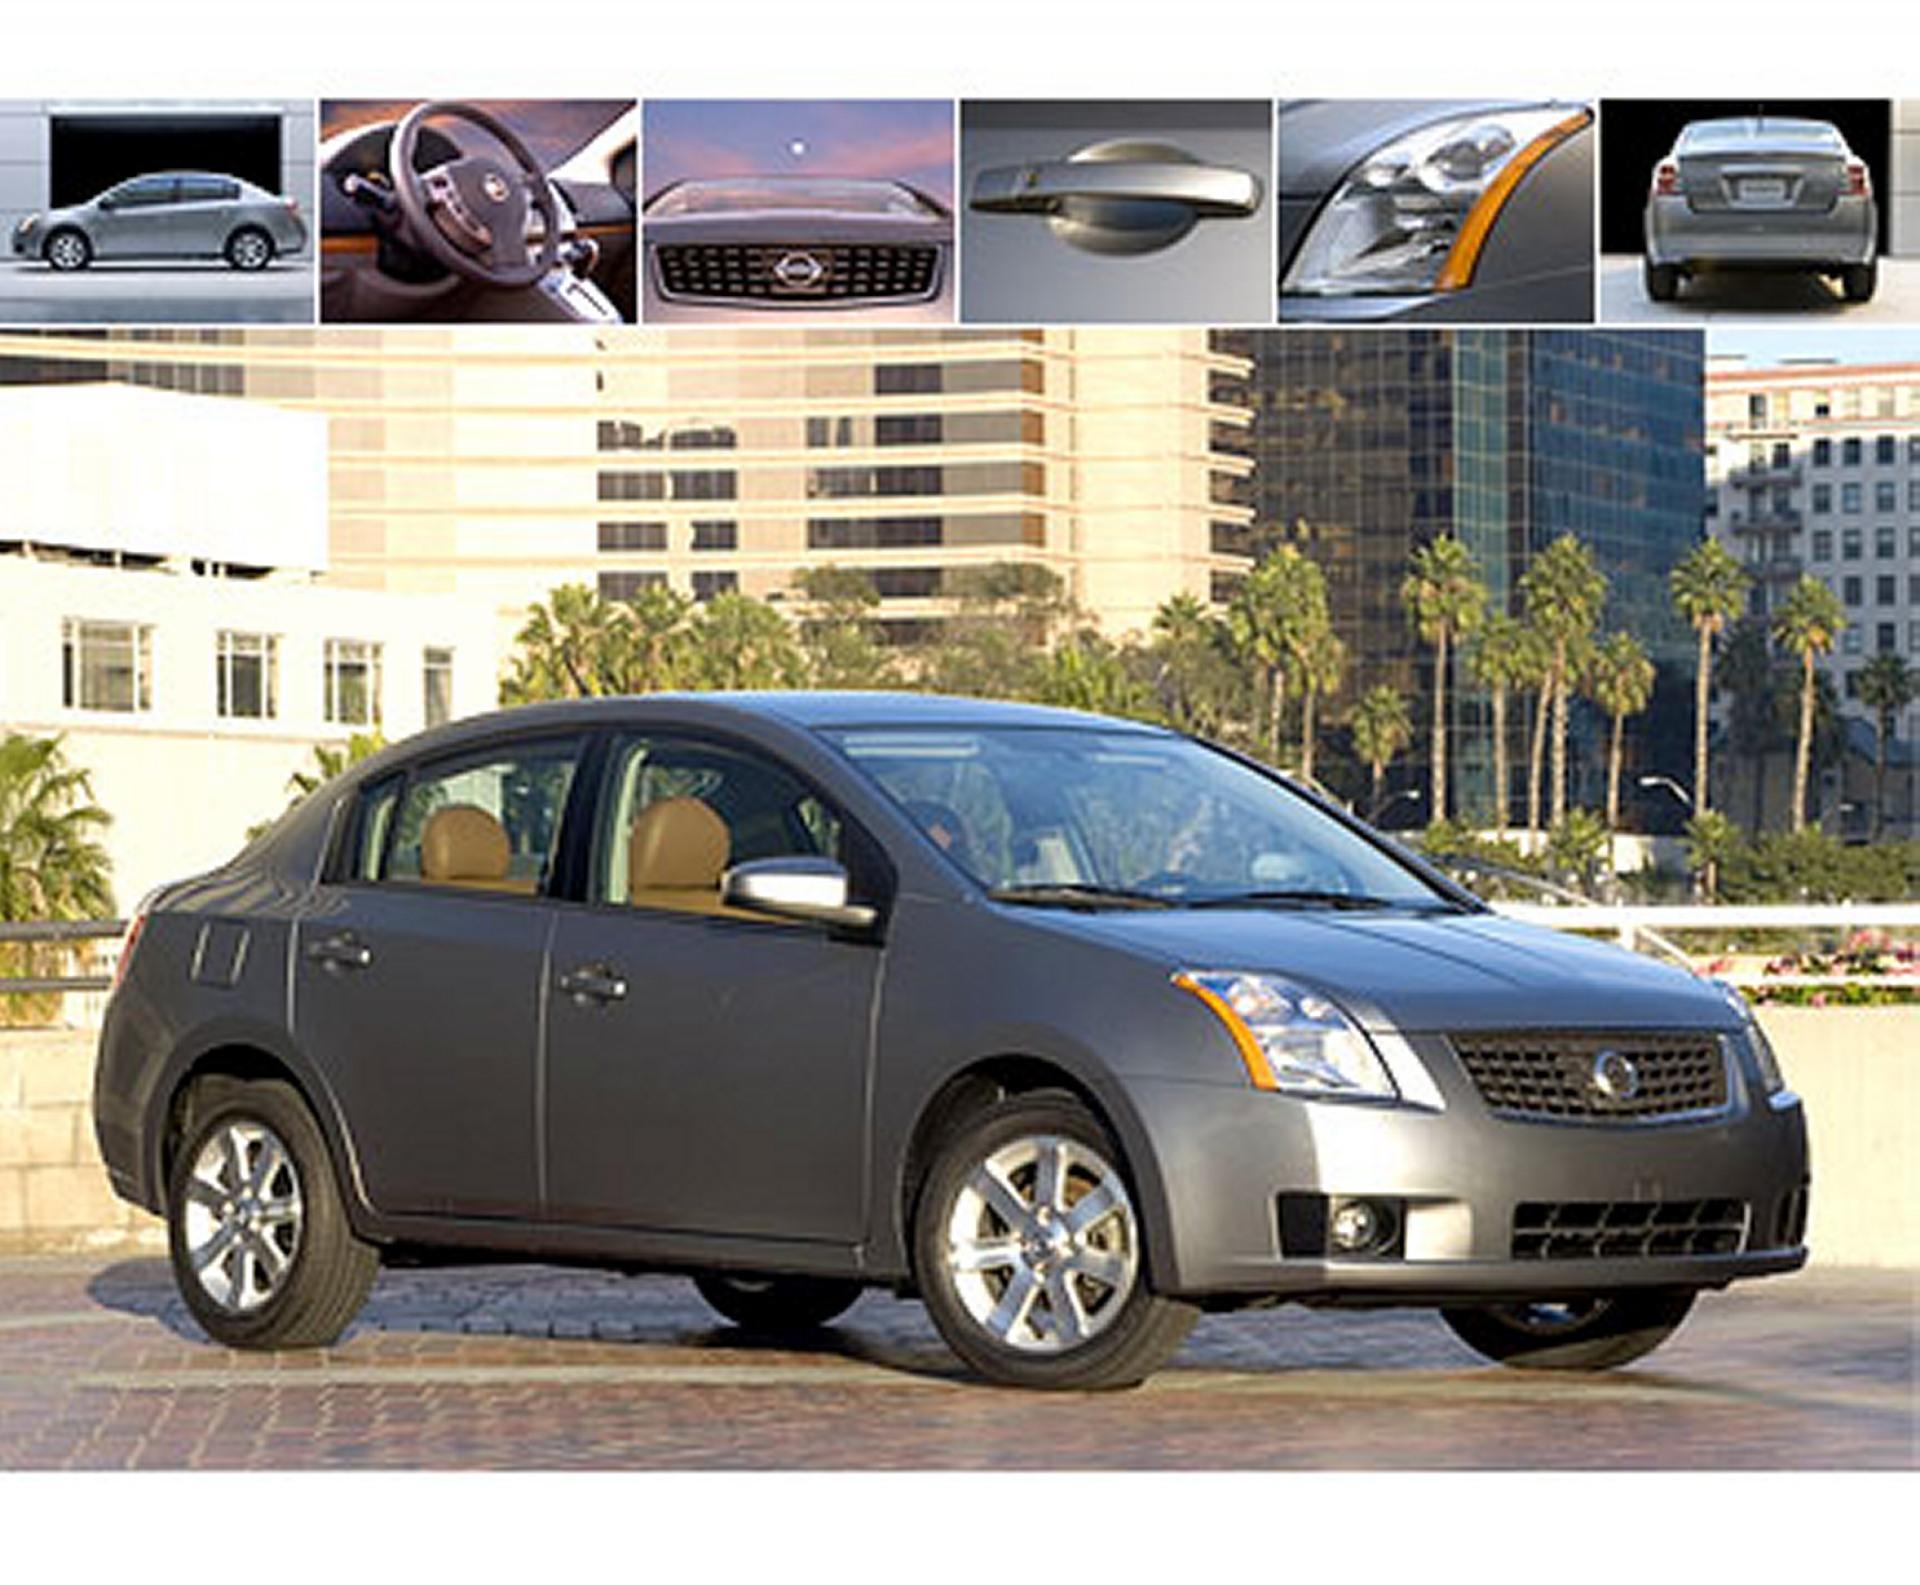 2009 Nissan Sentra Conceptcarz Com